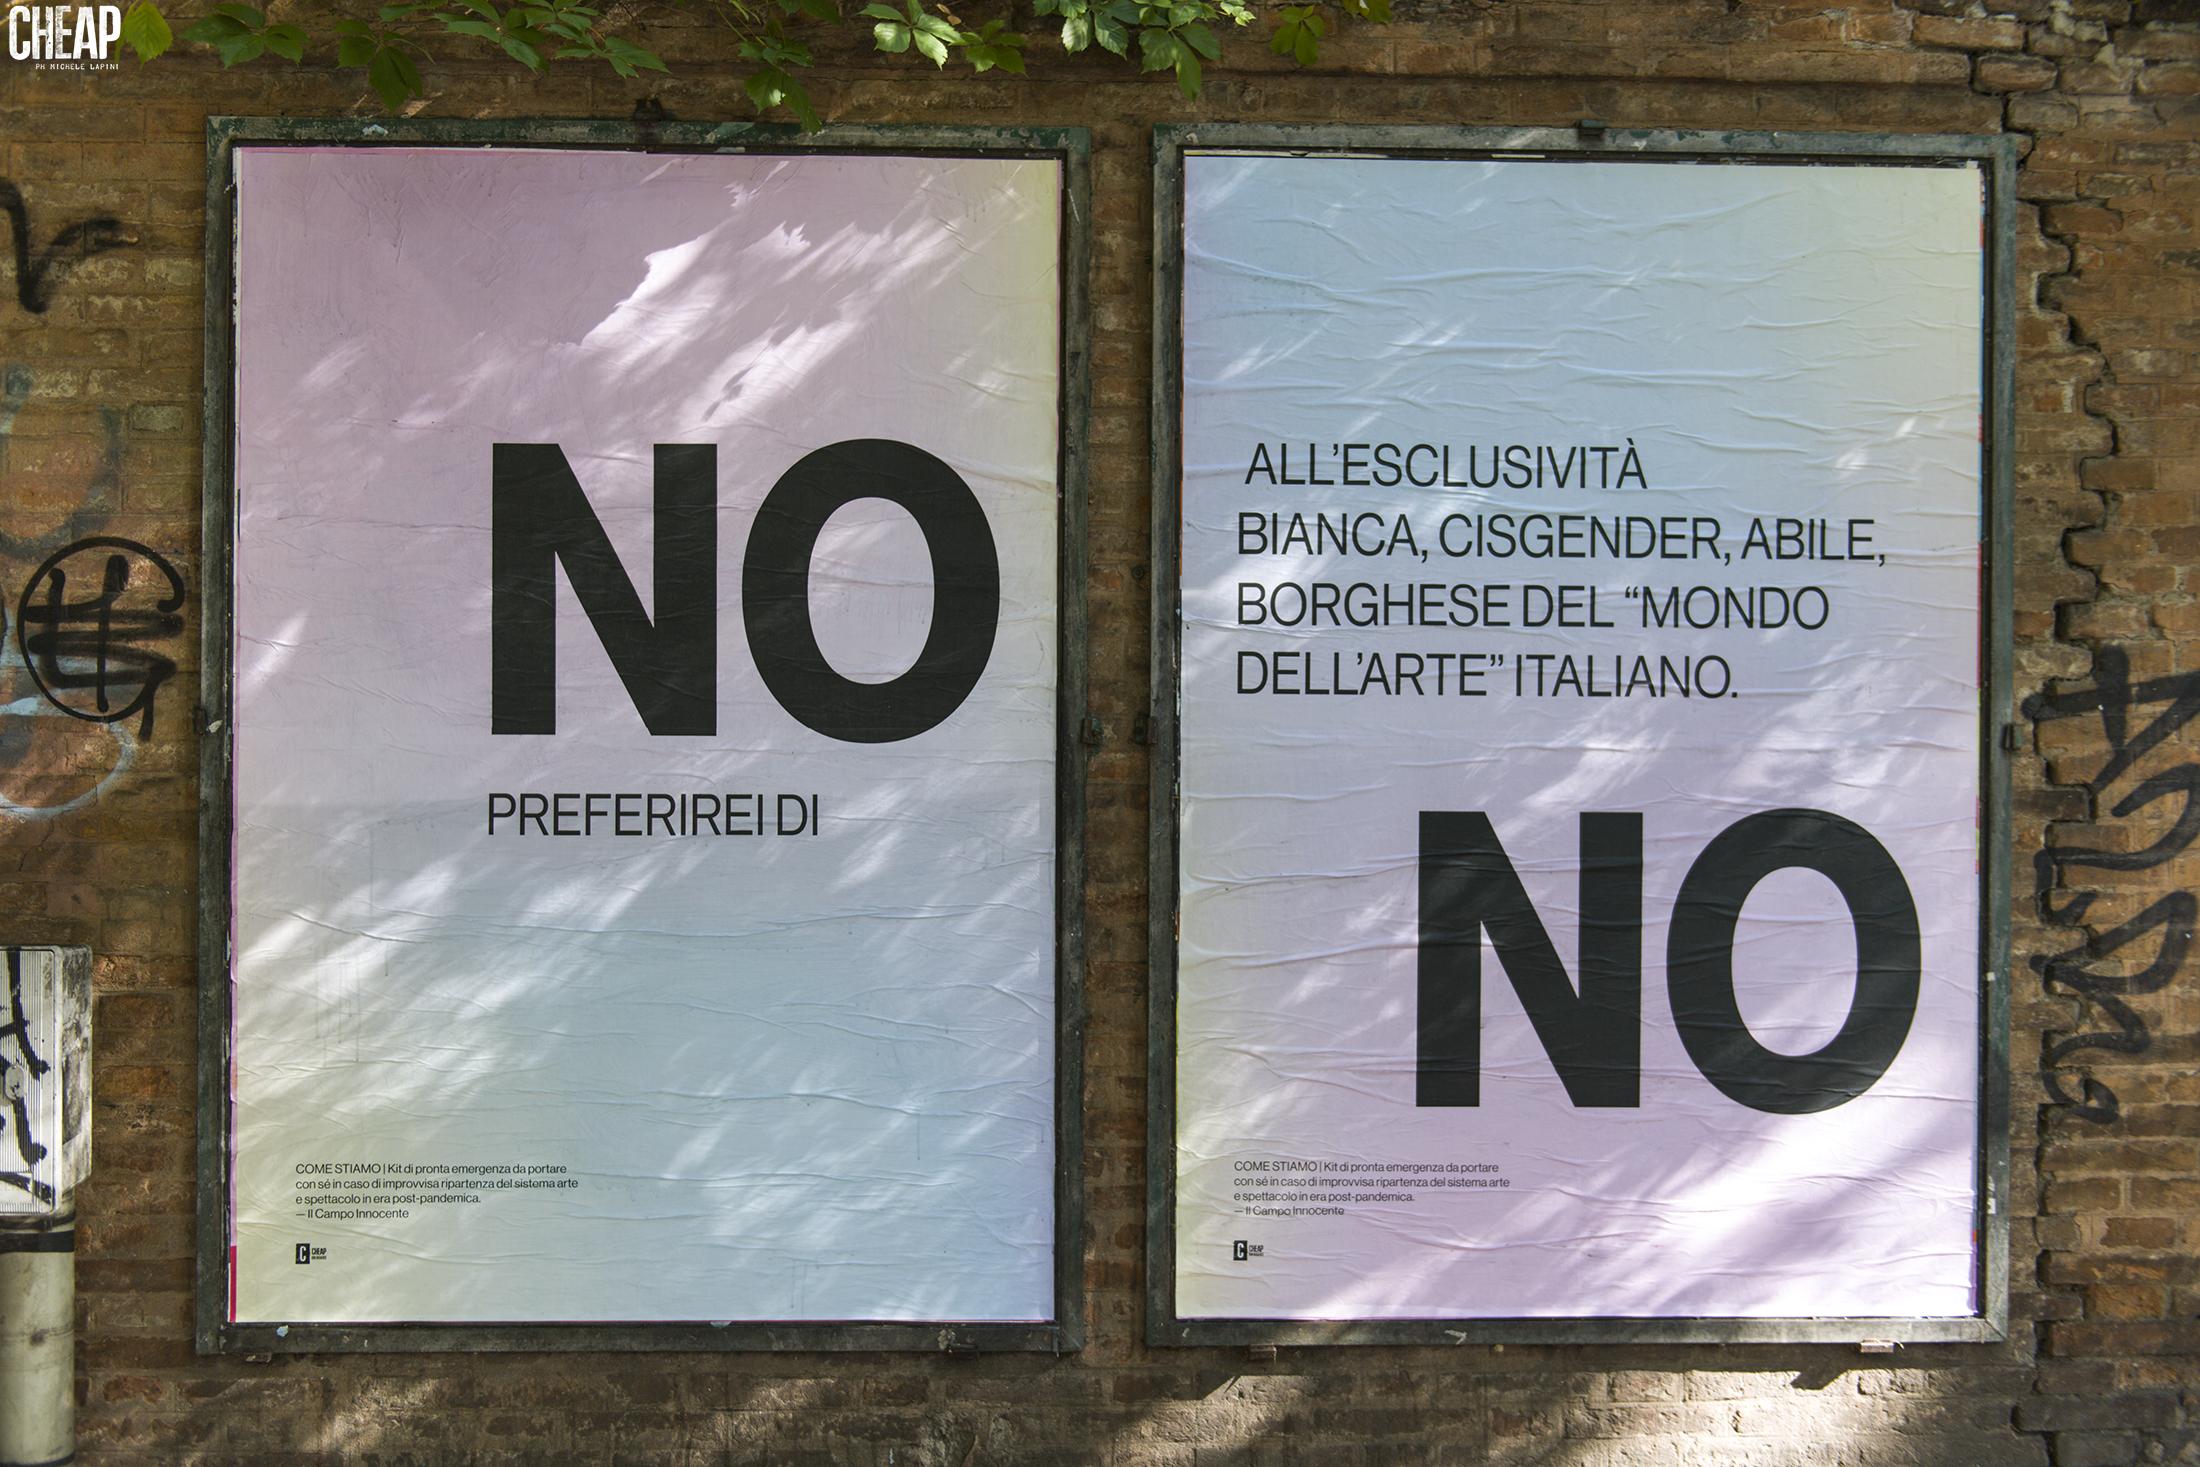 Bologna si riempie di nuovi poster: Cheap porta in città le riflessioni de Il Campo Innocente (foto: Michele Lapini).